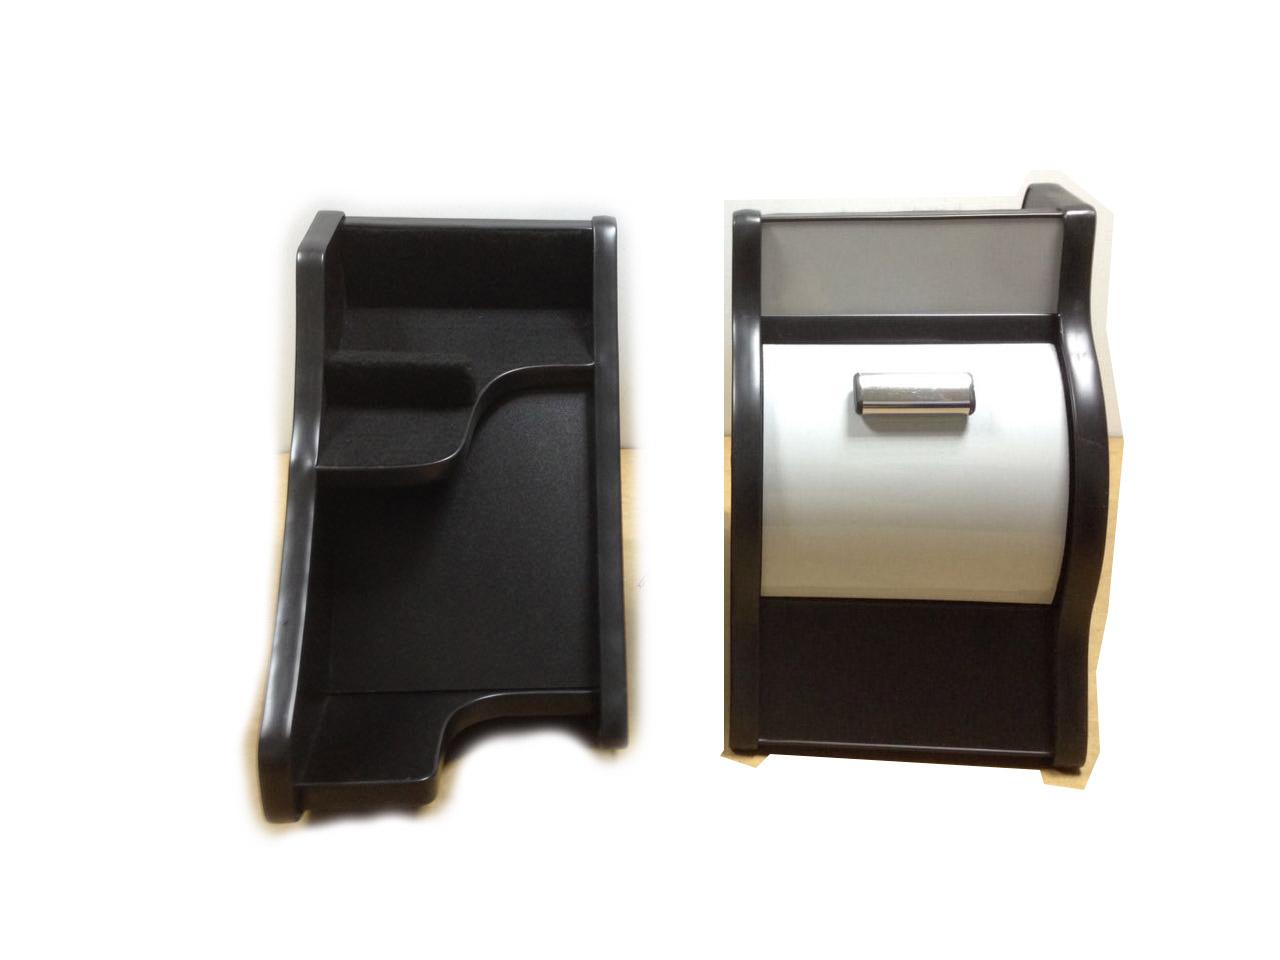 Консоль ЭЛЕГАНТ на Газель Некст с ручкой кпп на панели (серый декор